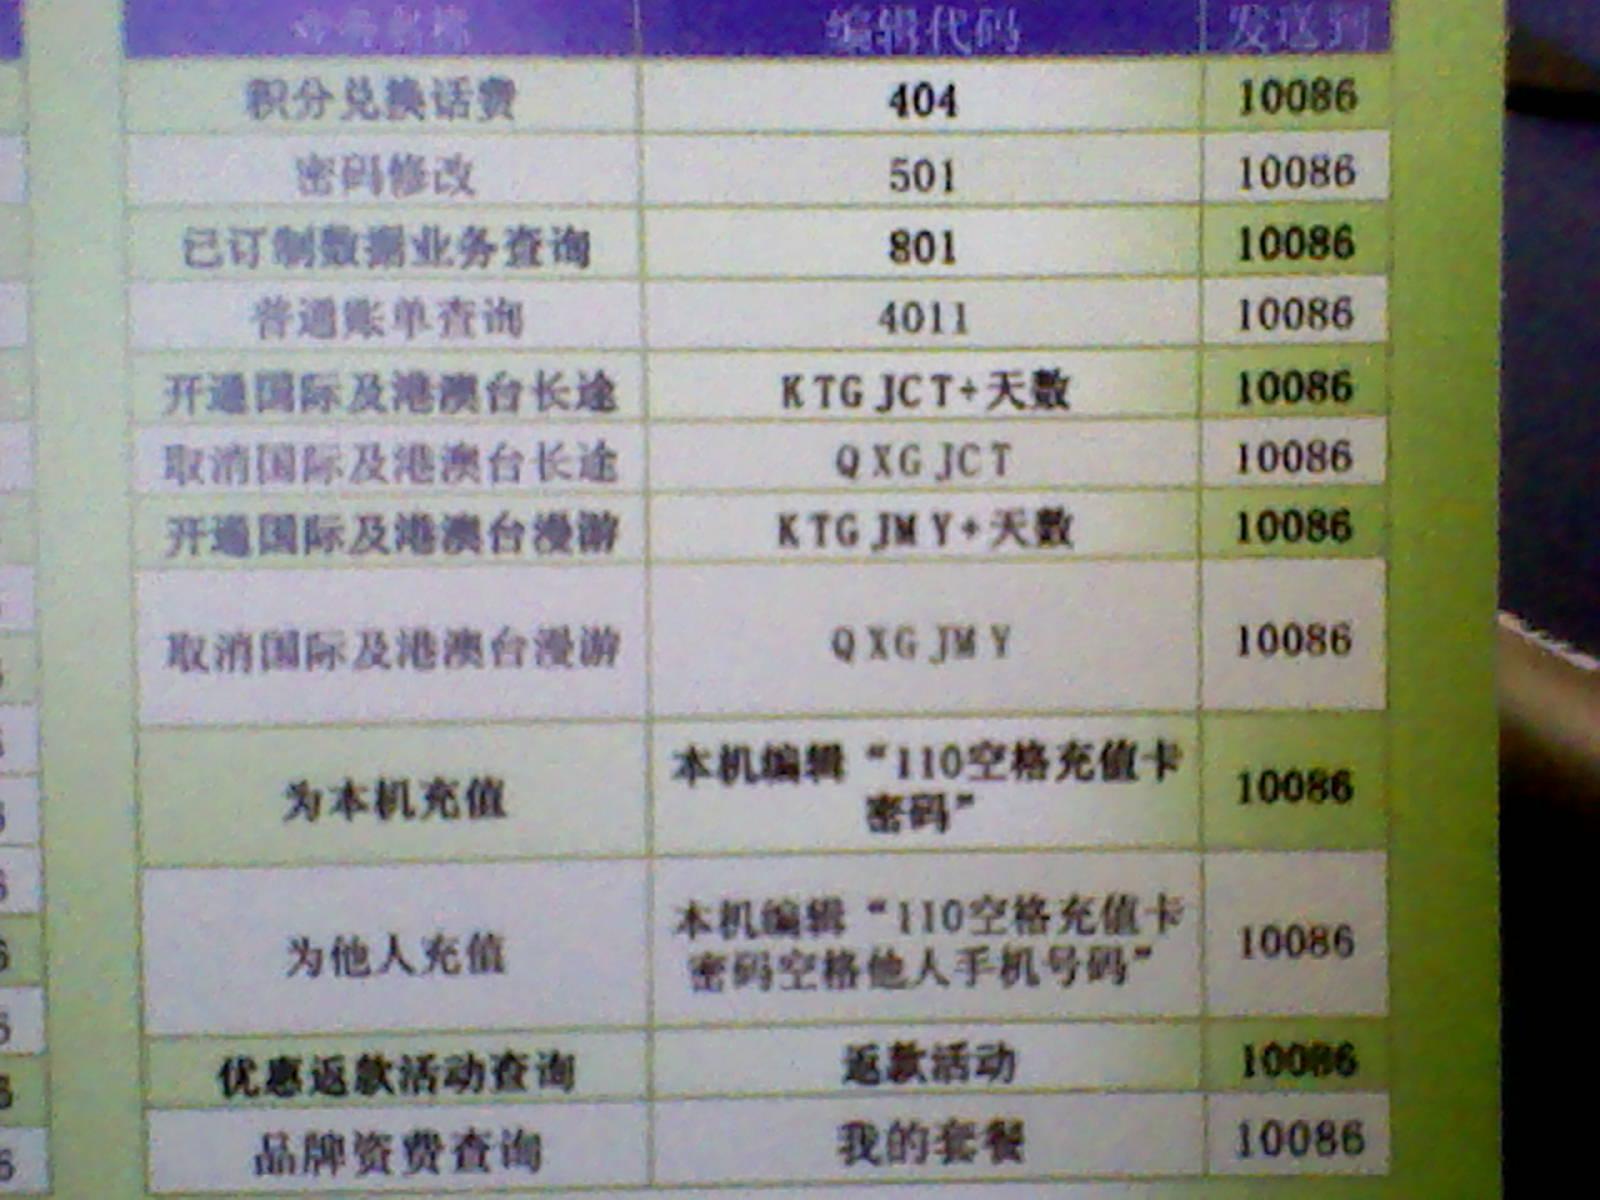 移动卡钻代码_中国移动使用手机短信办理各种业务的短信 代码